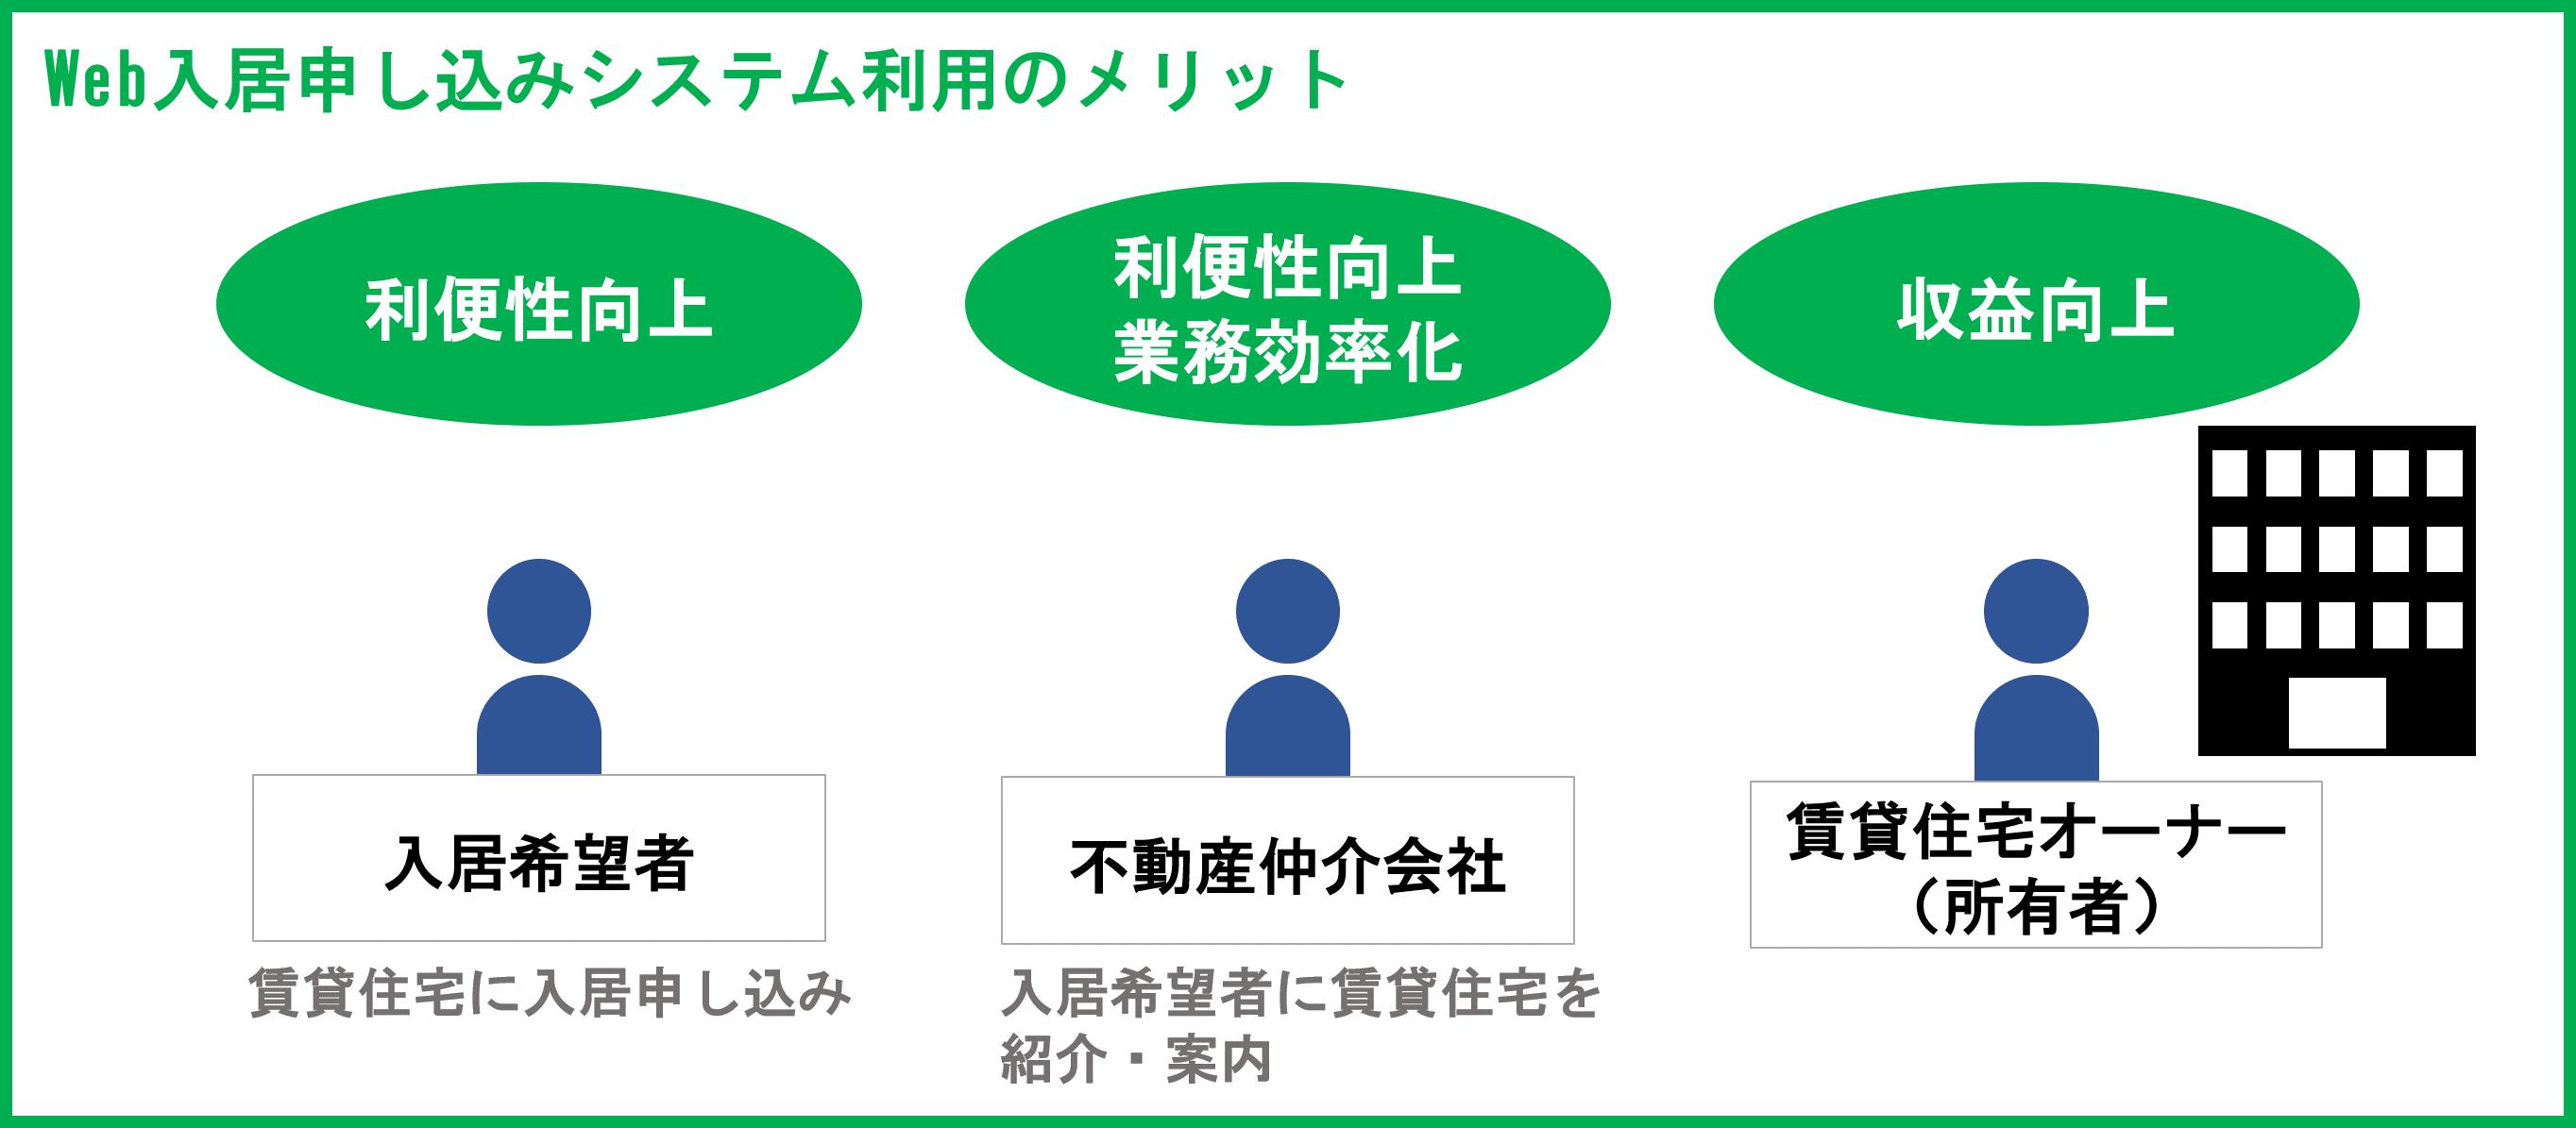 【東急住宅リース】Web入居申し込みシステム利用のメリット.png